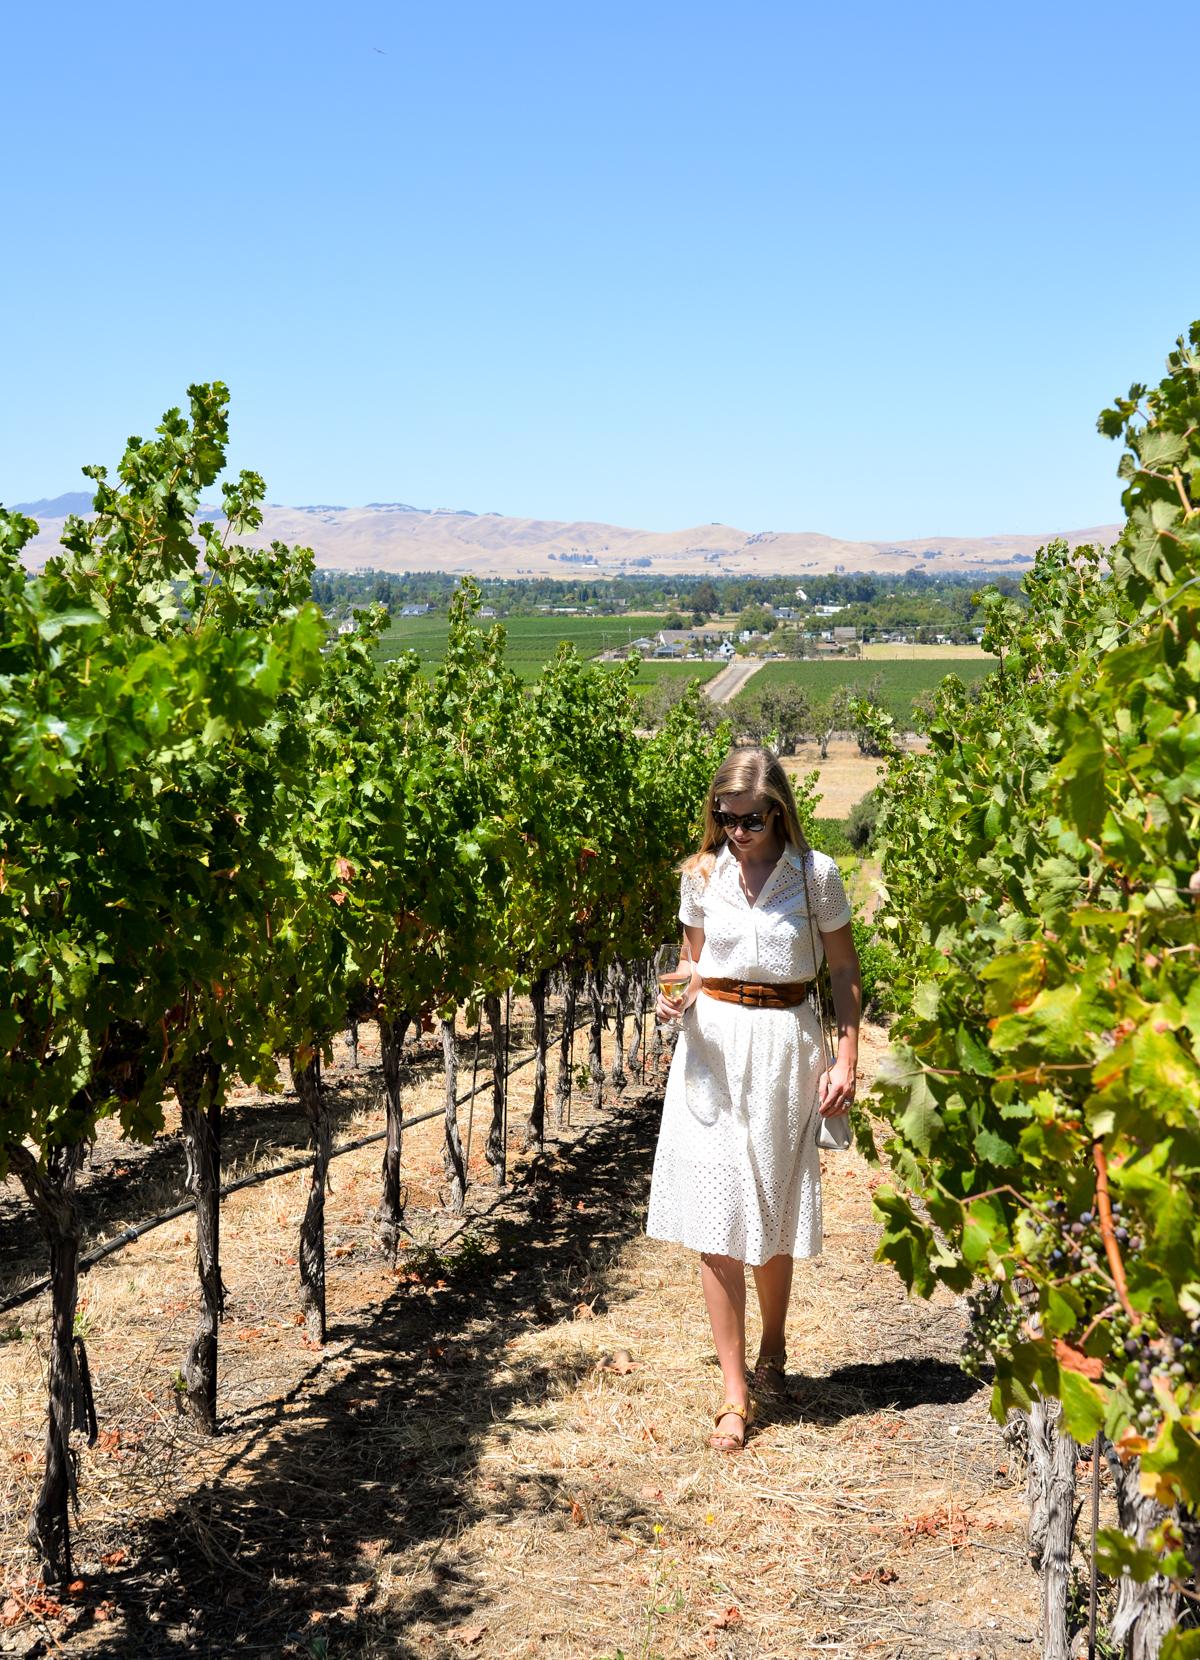 Murrieta's Well Winery